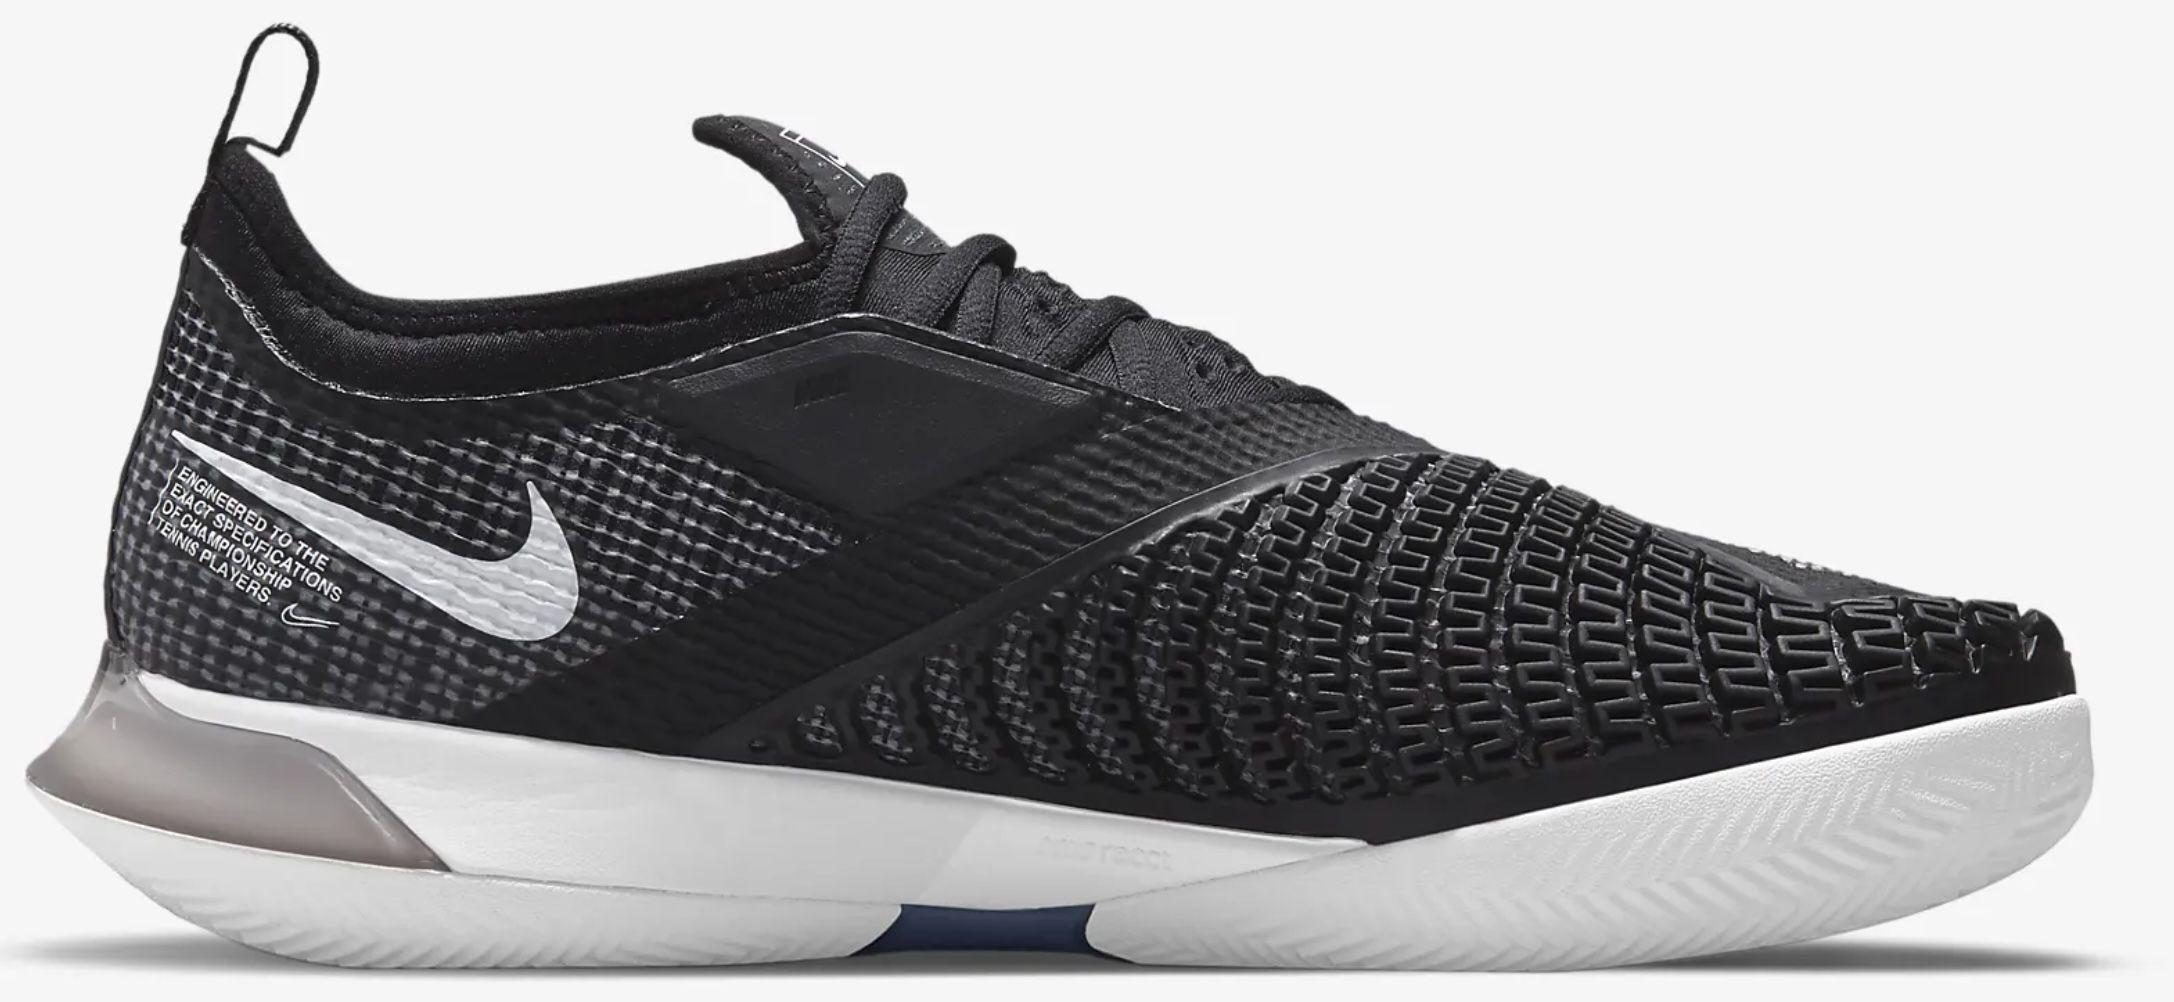 NikeCourt React Vapor NXT Tennisschuhe in Schwarz/Weiß für 107,97€ (statt 135€)